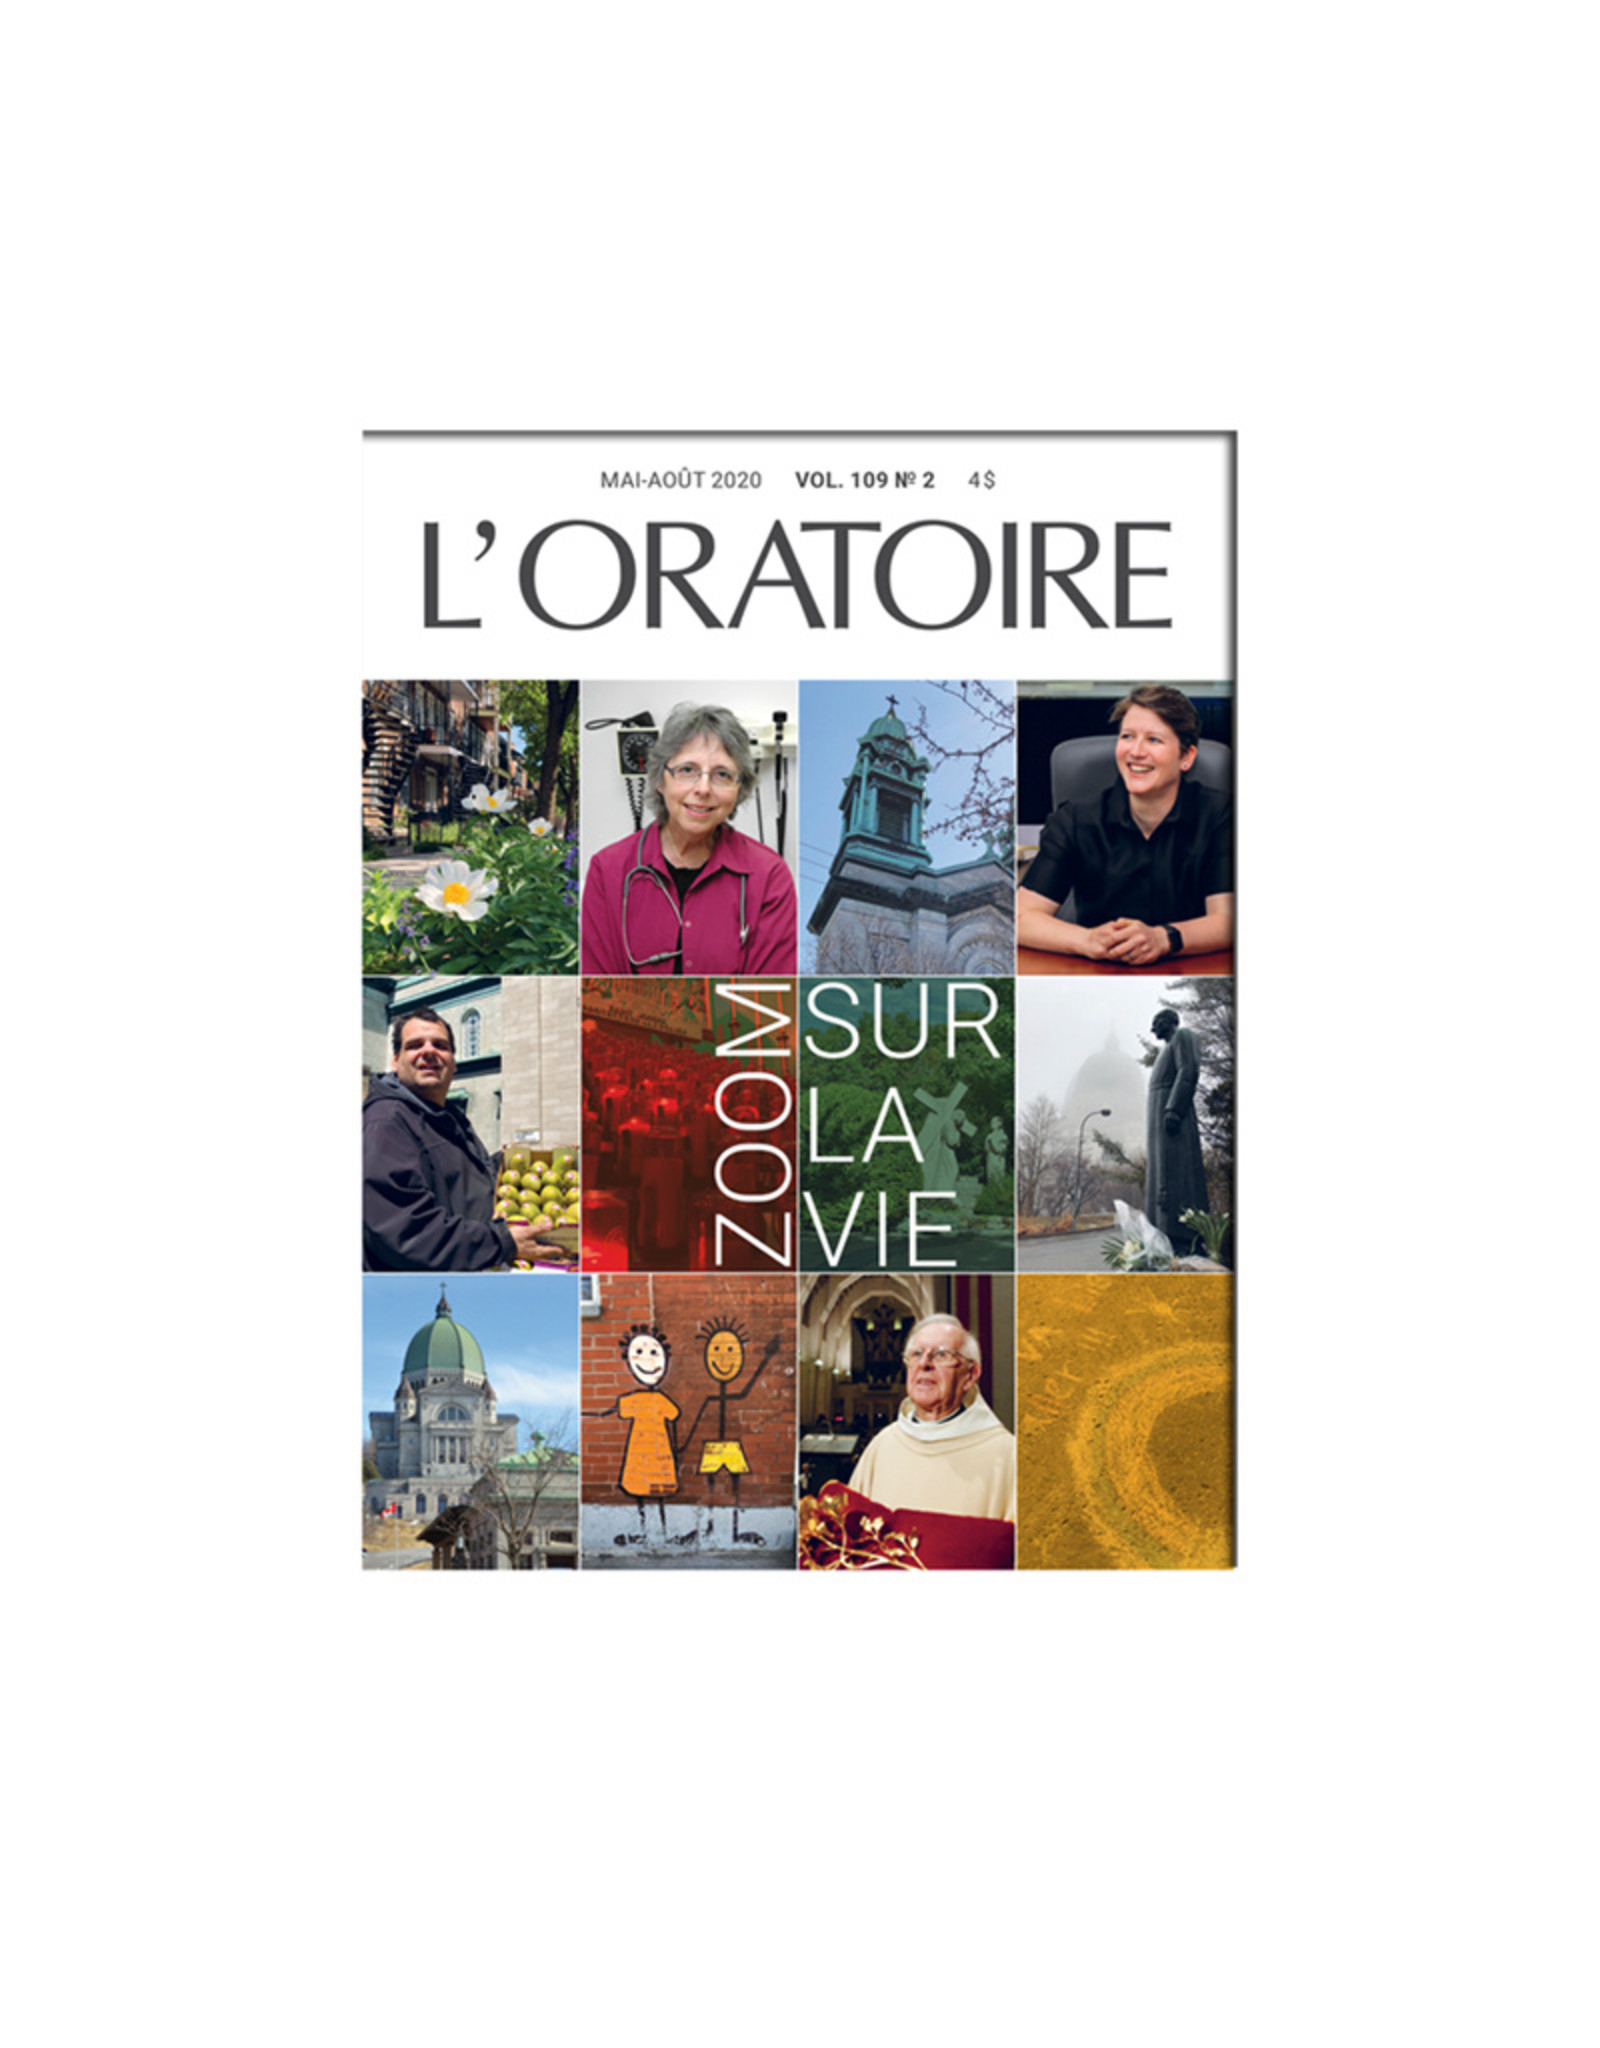 Revue L'Oratoire Mai-Août 2020 vol.109. no.2